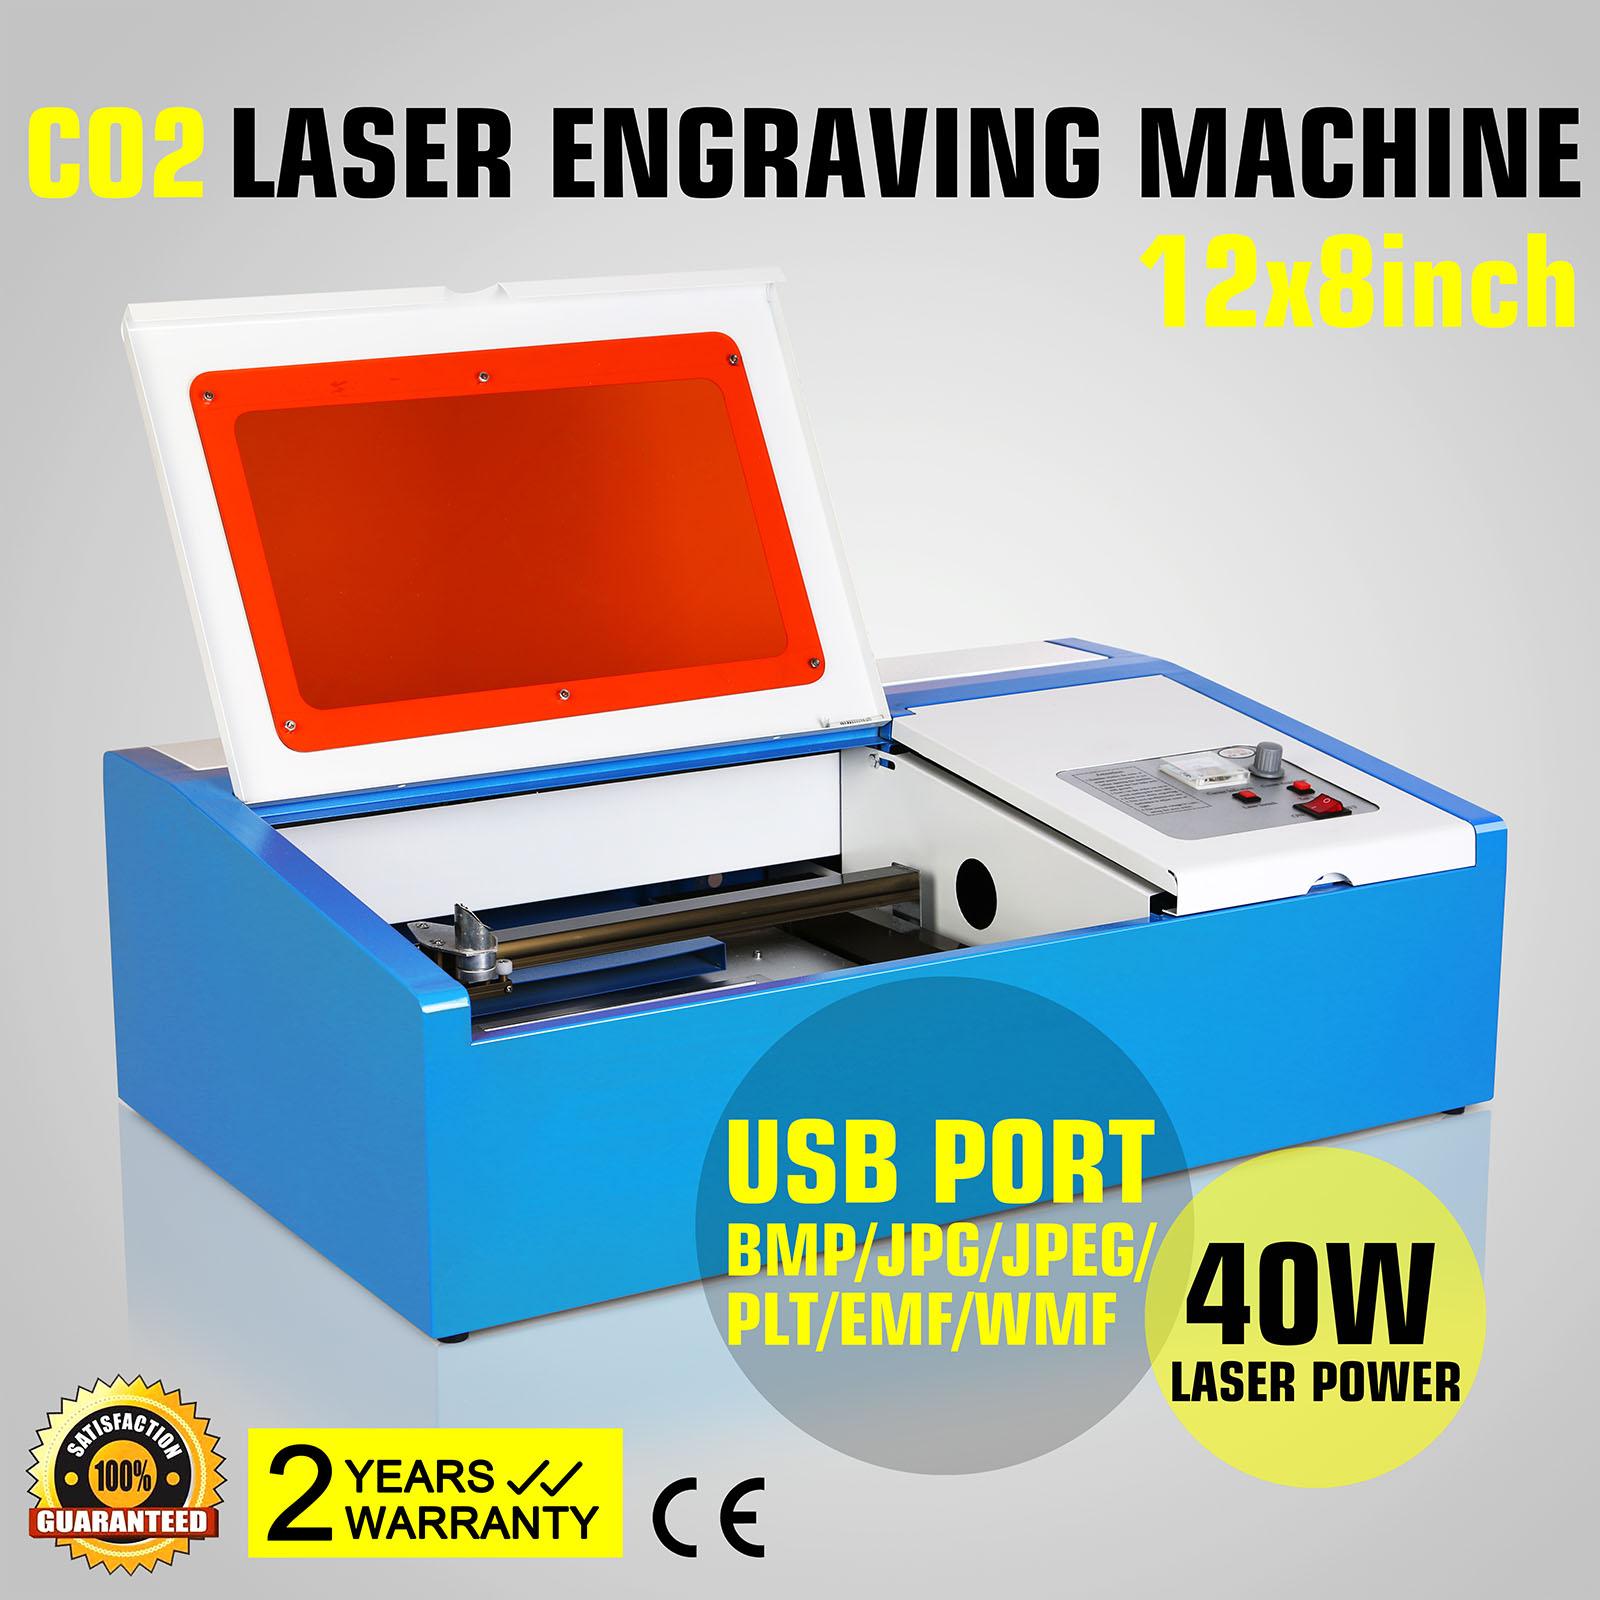 Обновленная высокоточная и высокая скорость третьего поколения CO2 лазерная m100-1.1.jpg